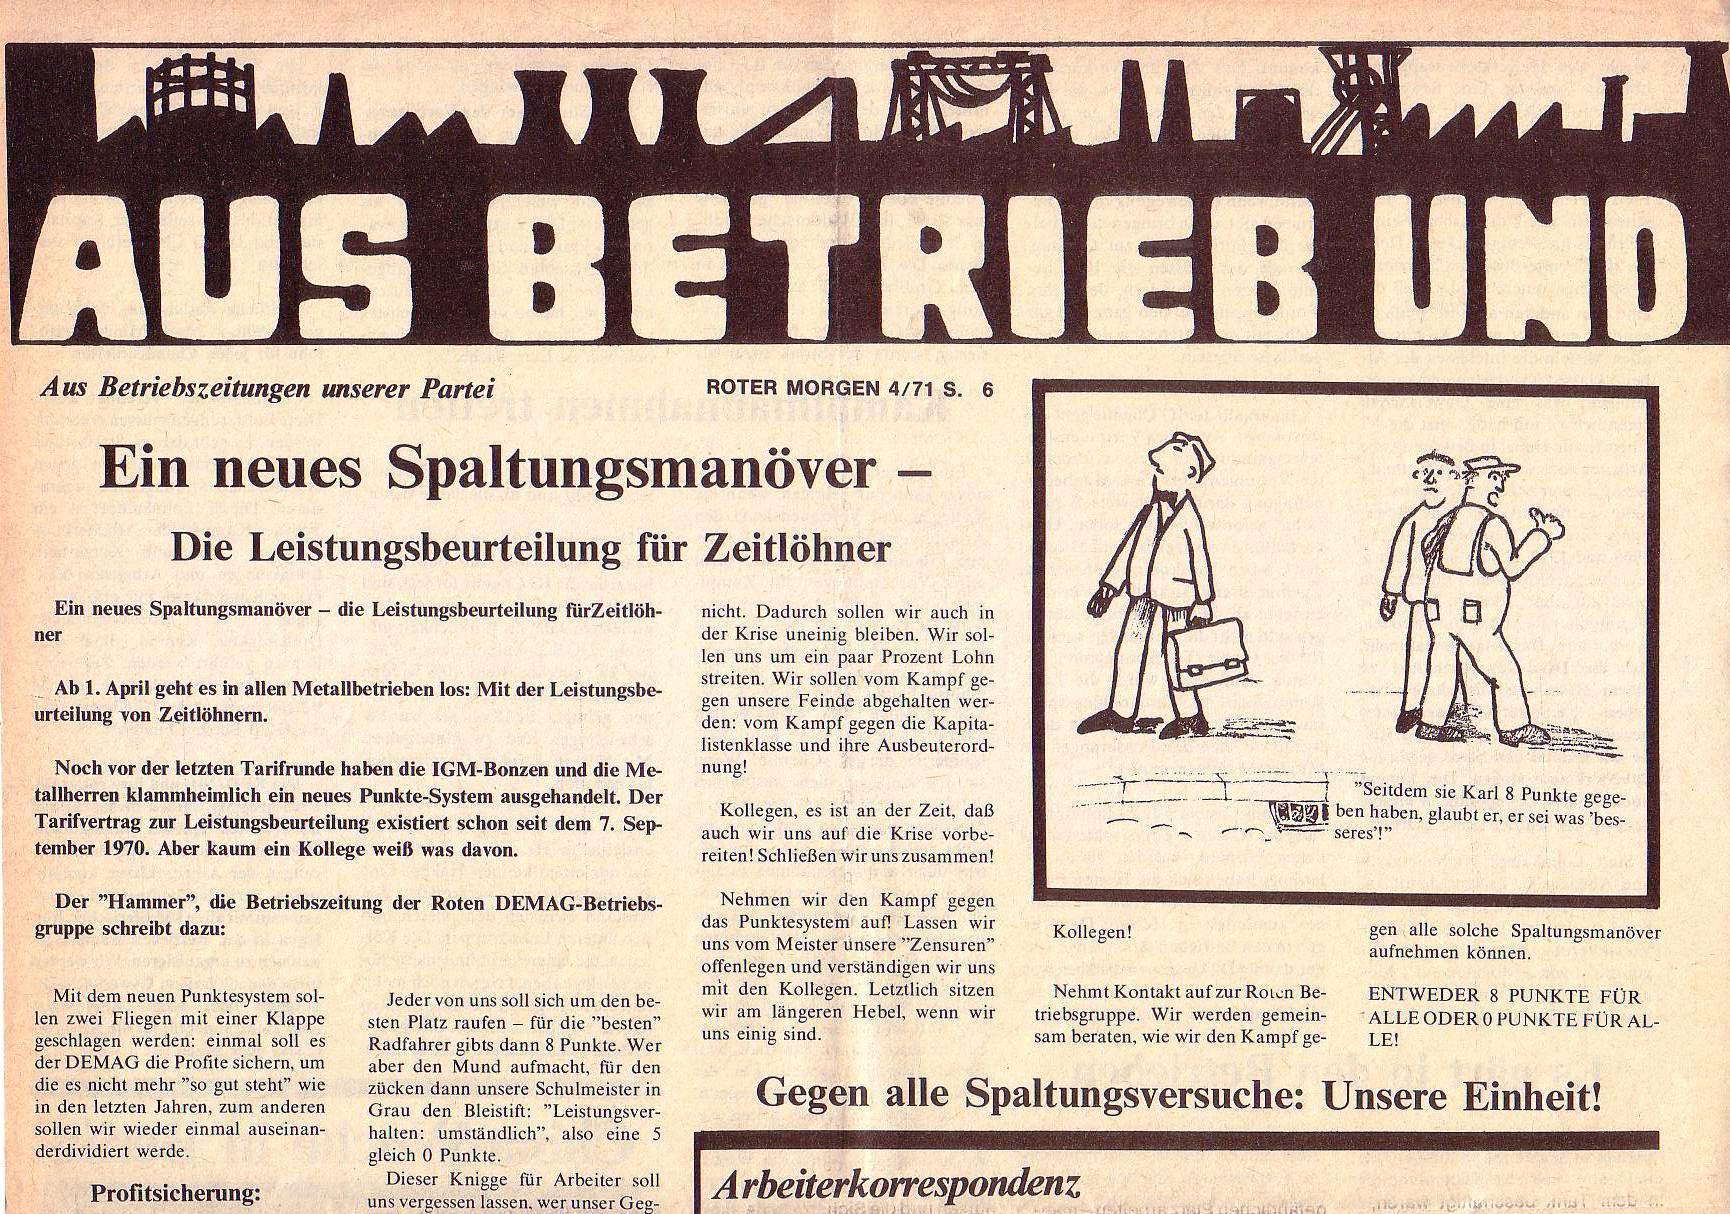 Roter Morgen, 5. Jg., April 1971, Nr. 4, Seite 6a